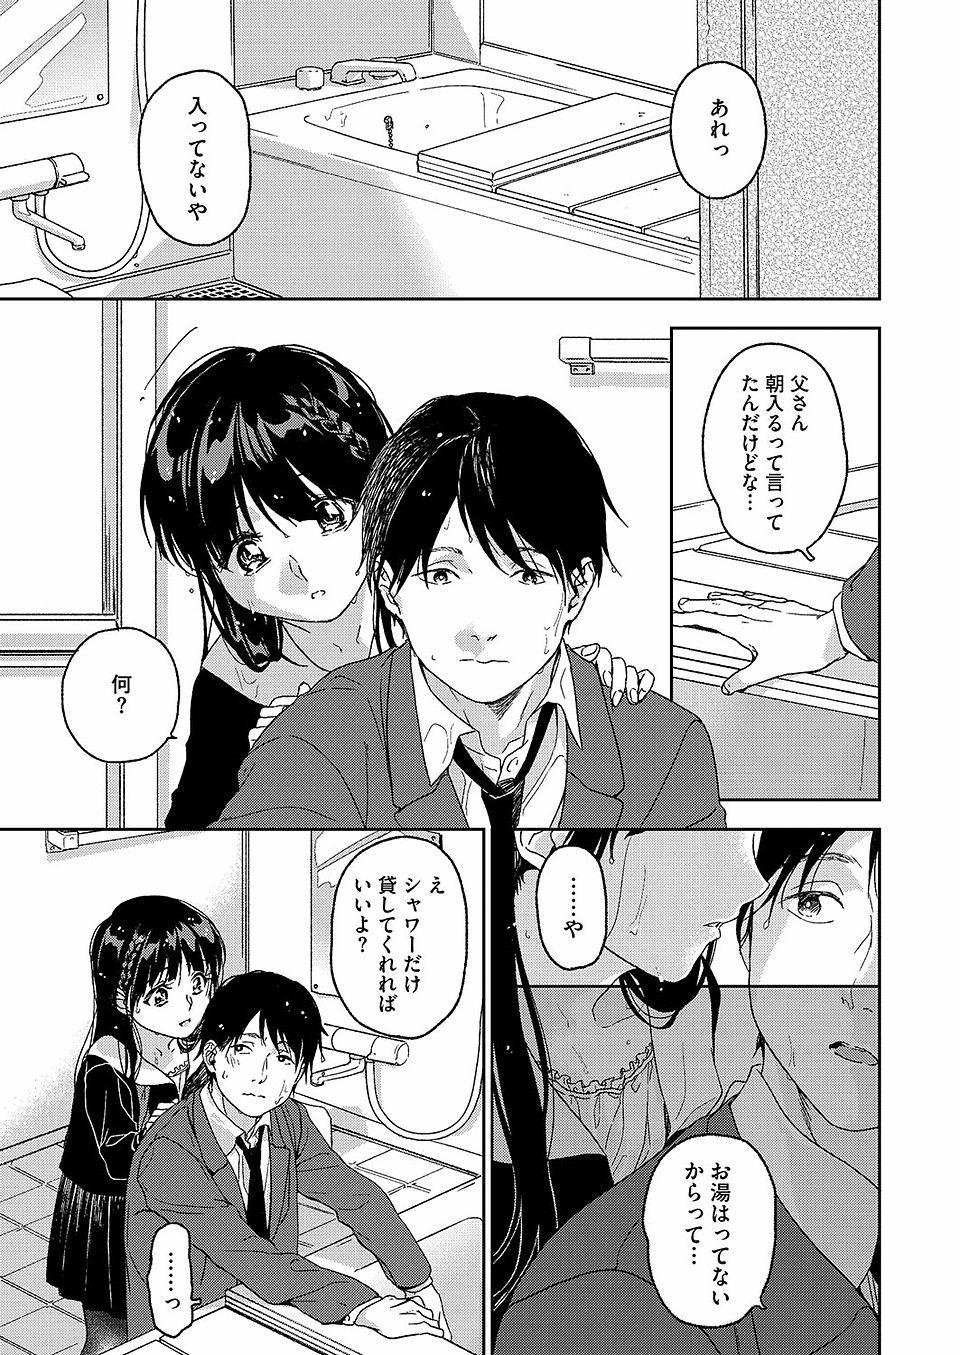 【エロ漫画・エロ同人誌】ちっぱい少女とお風呂でラブラブエッチwww (3)